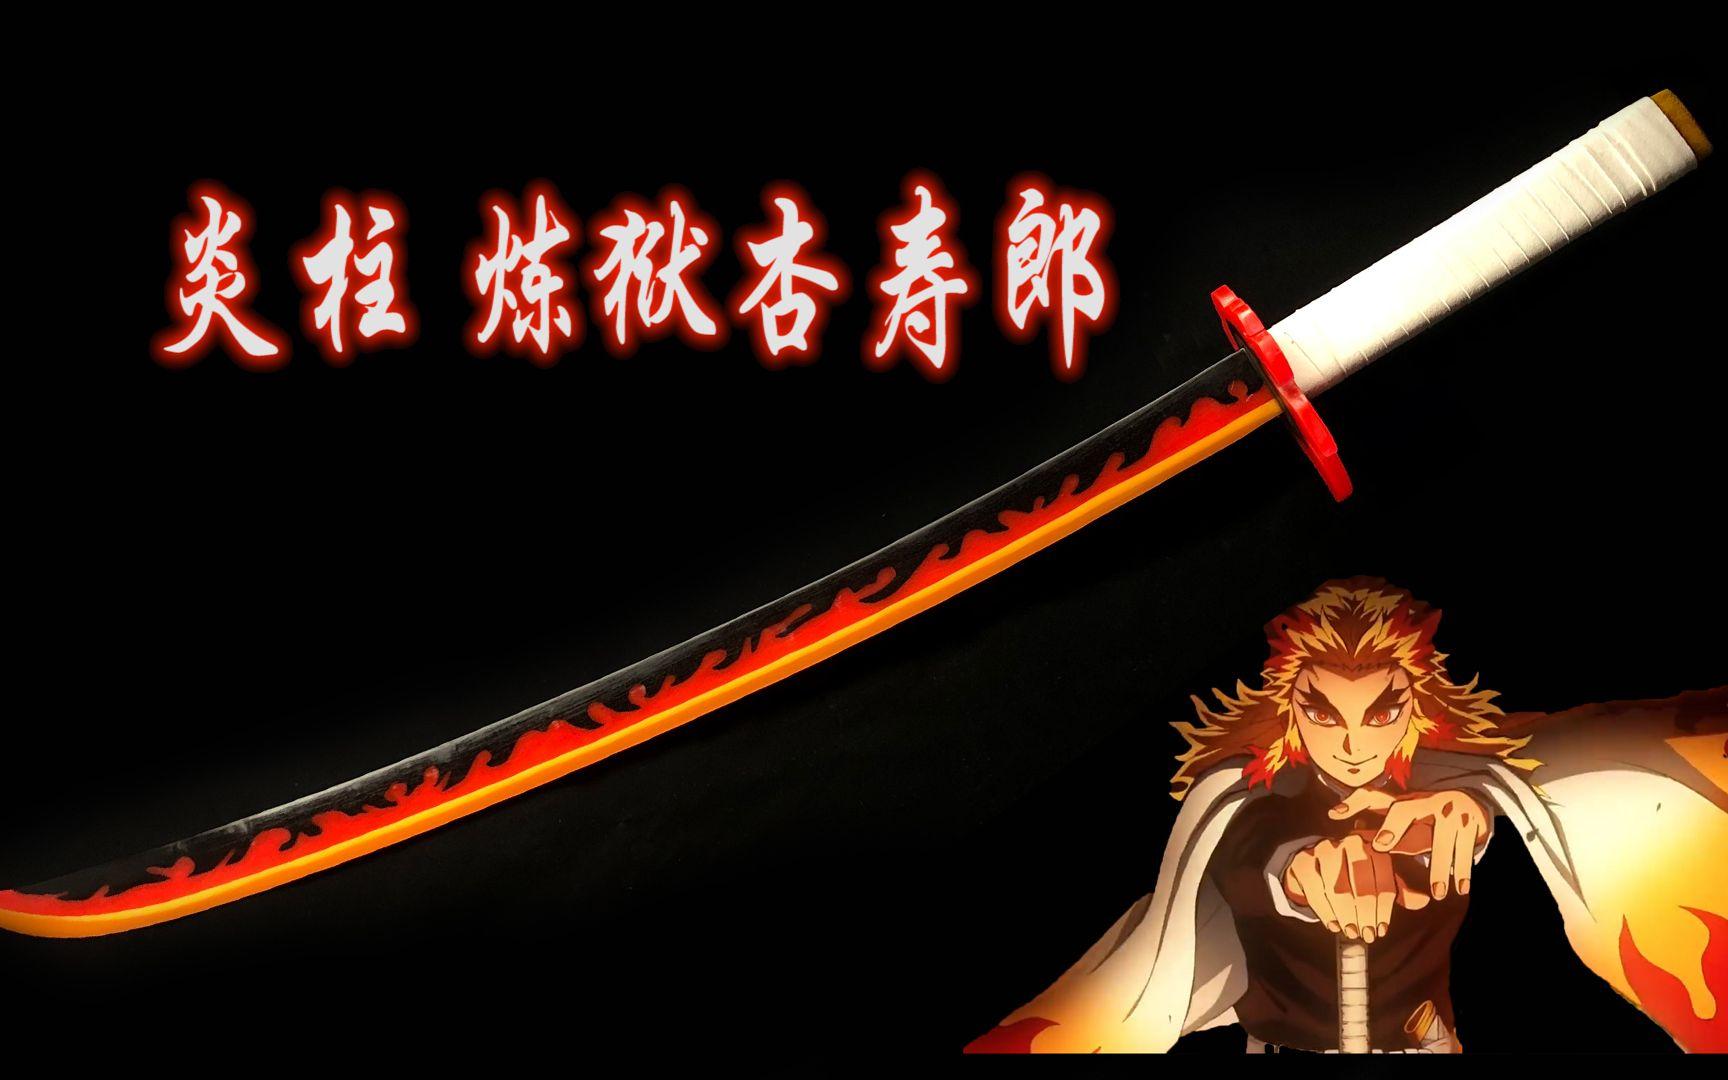 【炎柱日轮刀】 耗时两个月纯手工制造 鬼灭之刃炼狱杏寿郎